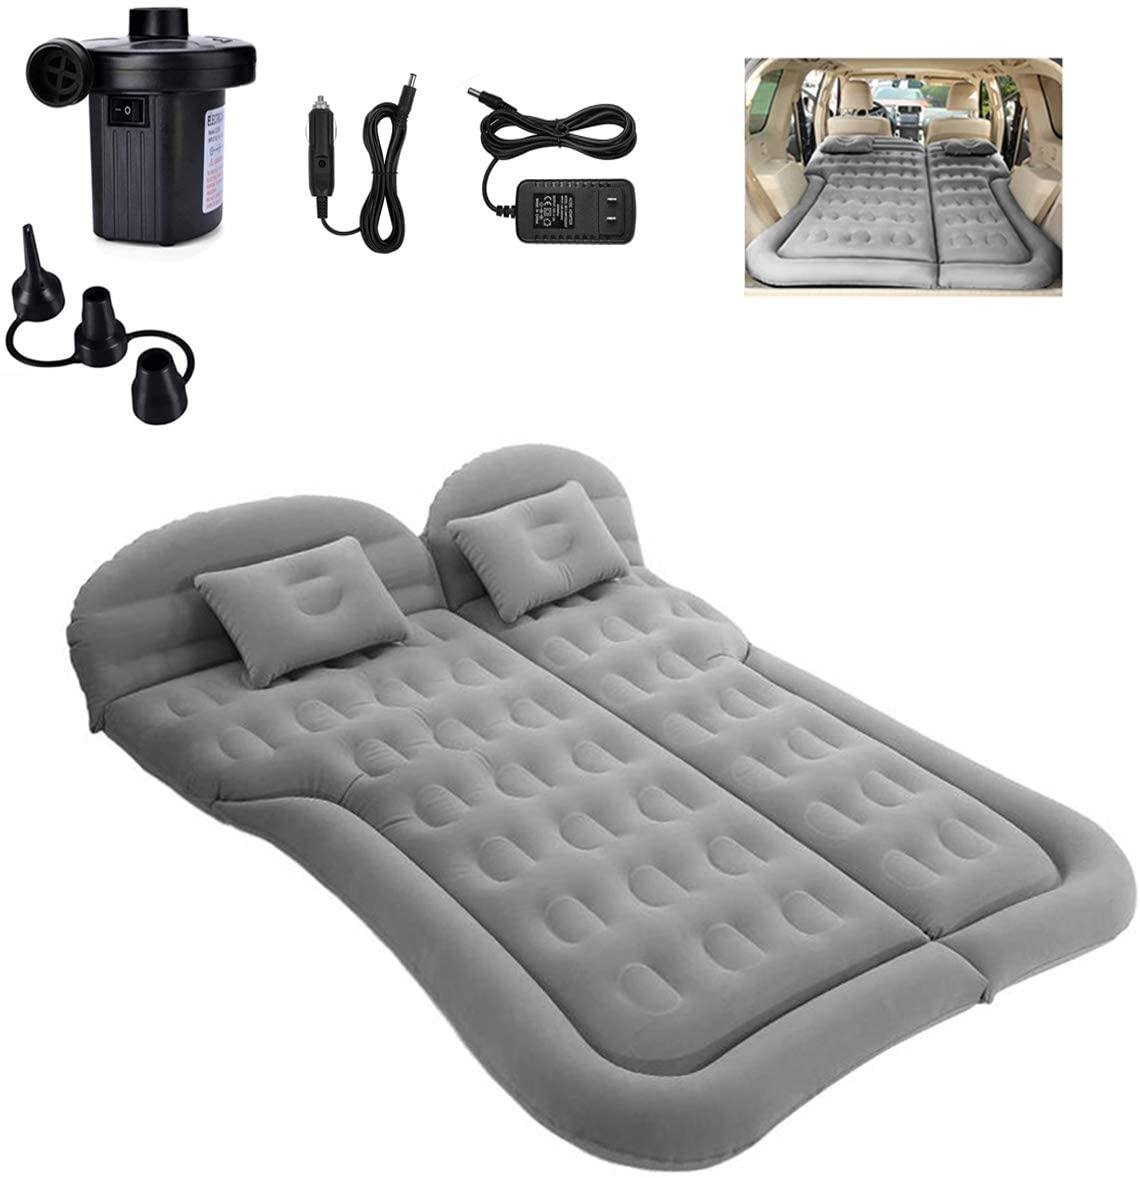 SAYGOGO SUV Air Mattress Camping Bed